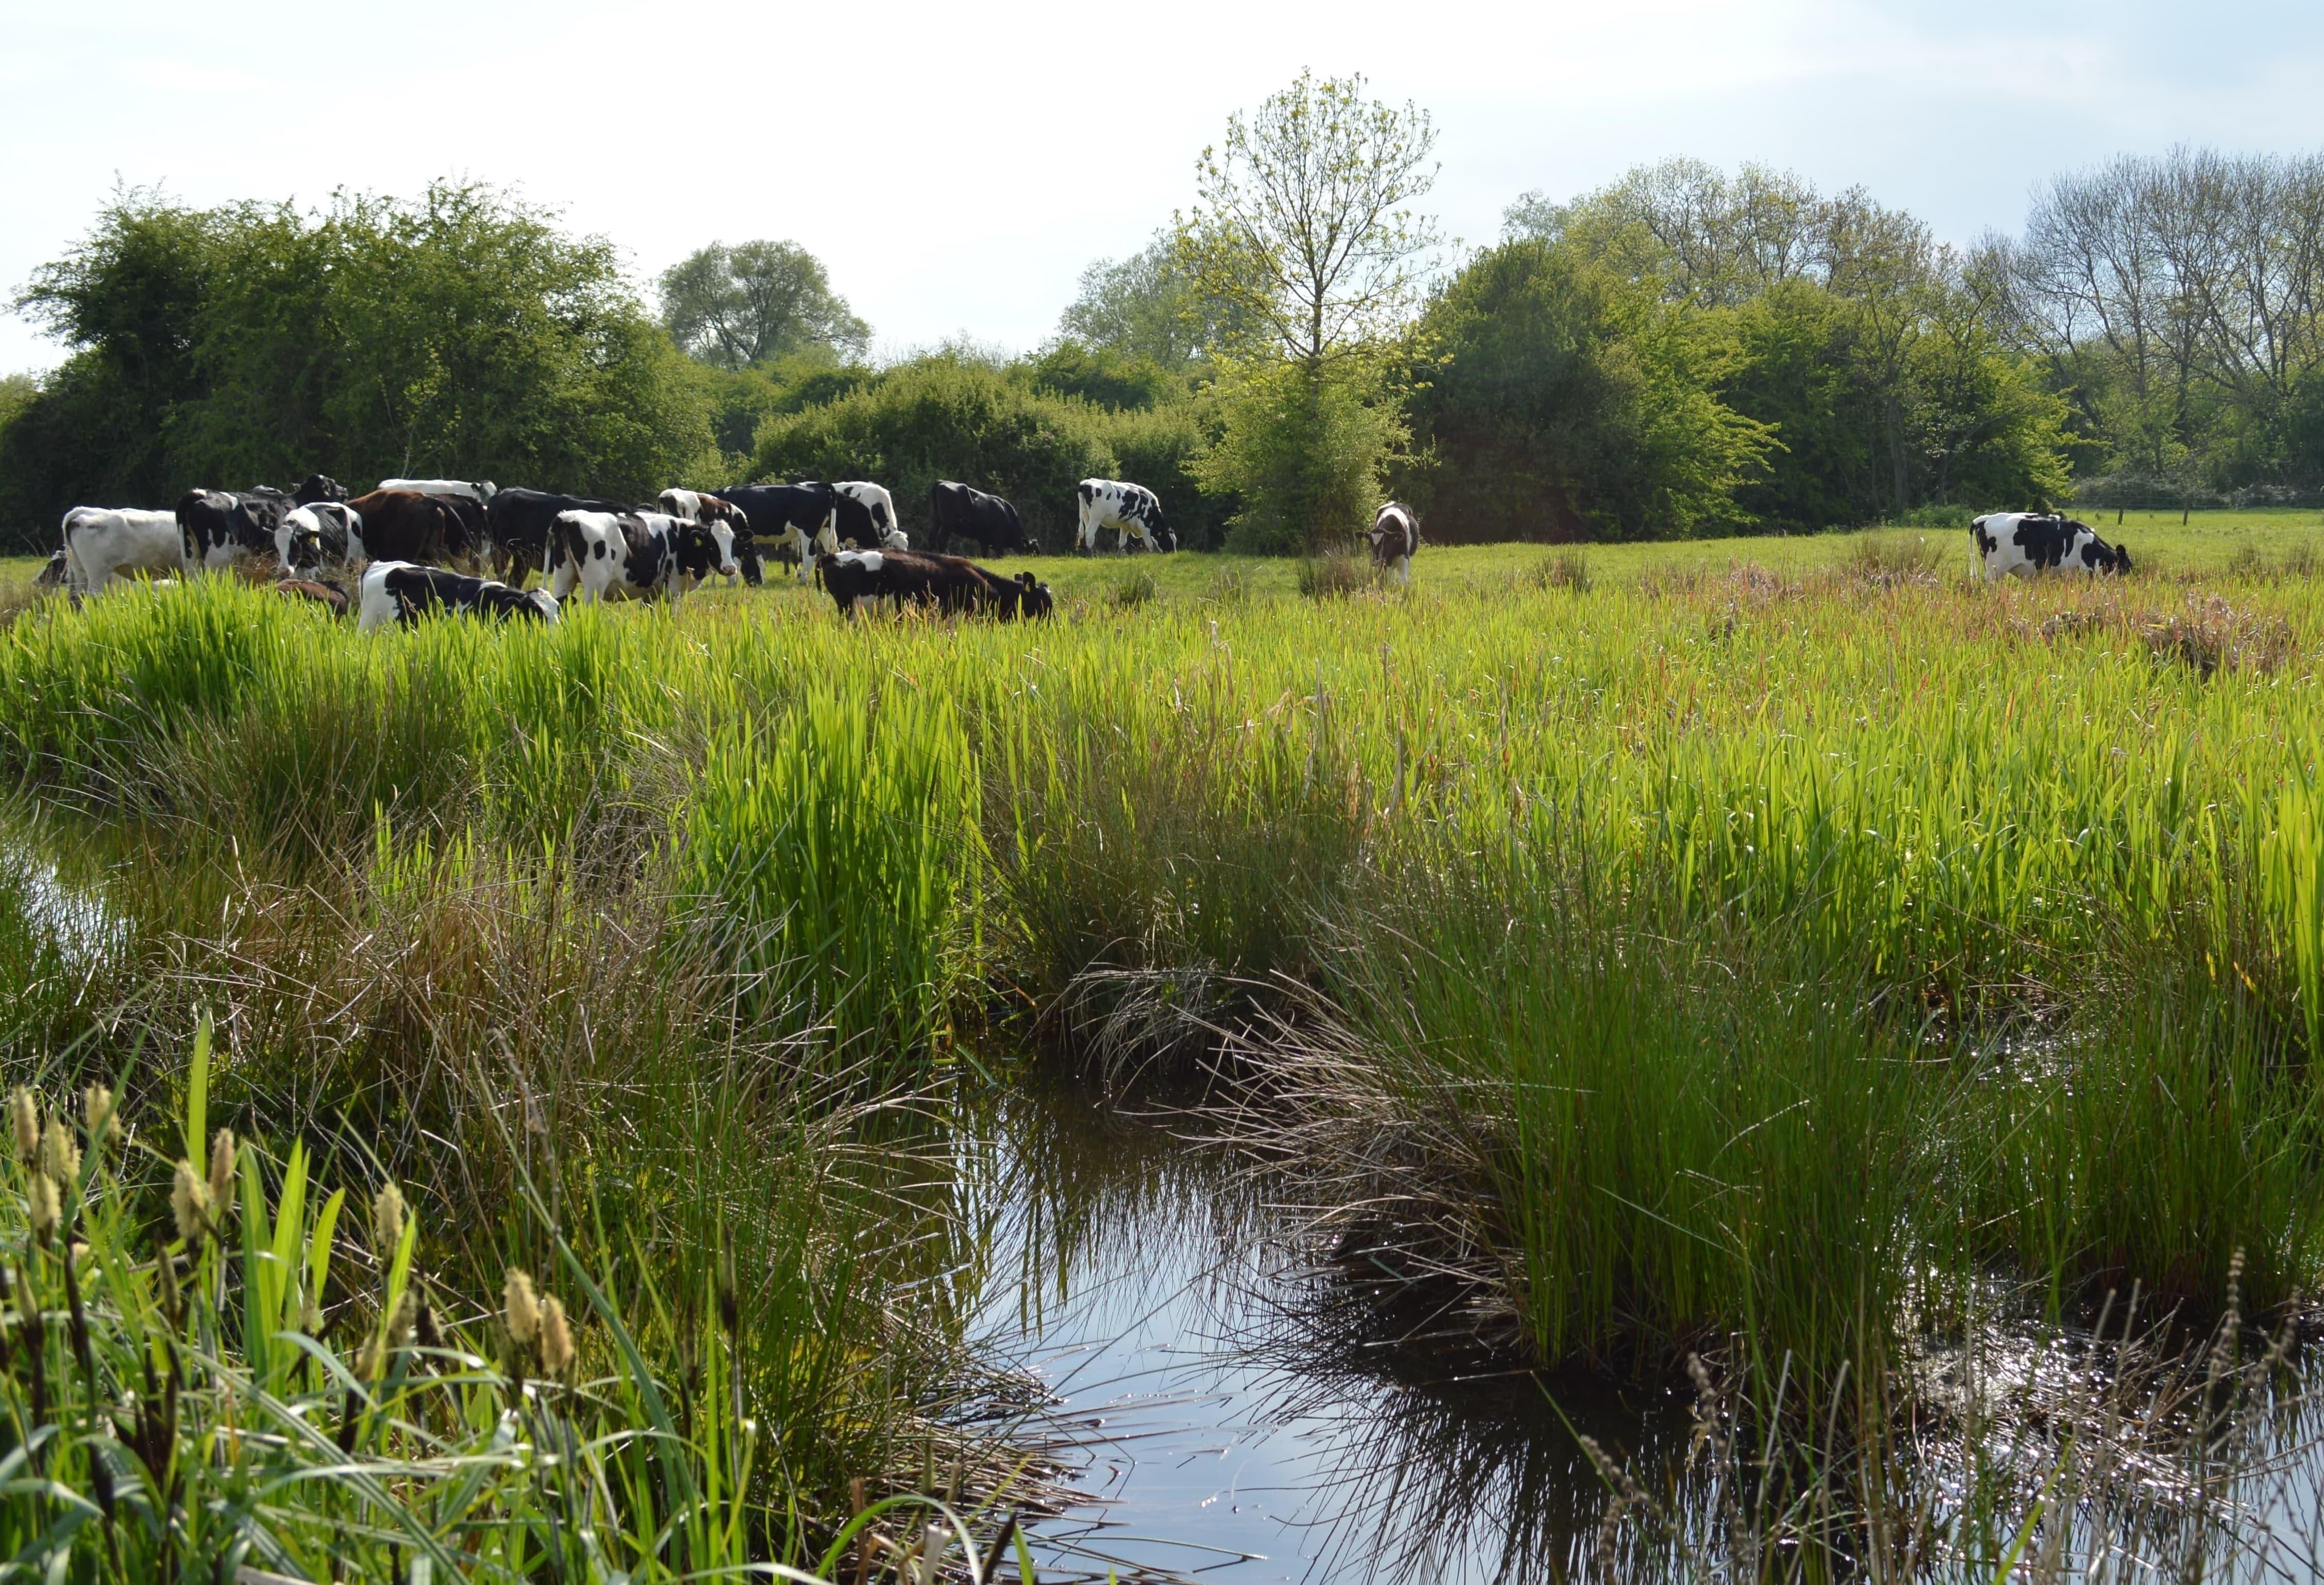 Influencing the global wetlands agenda